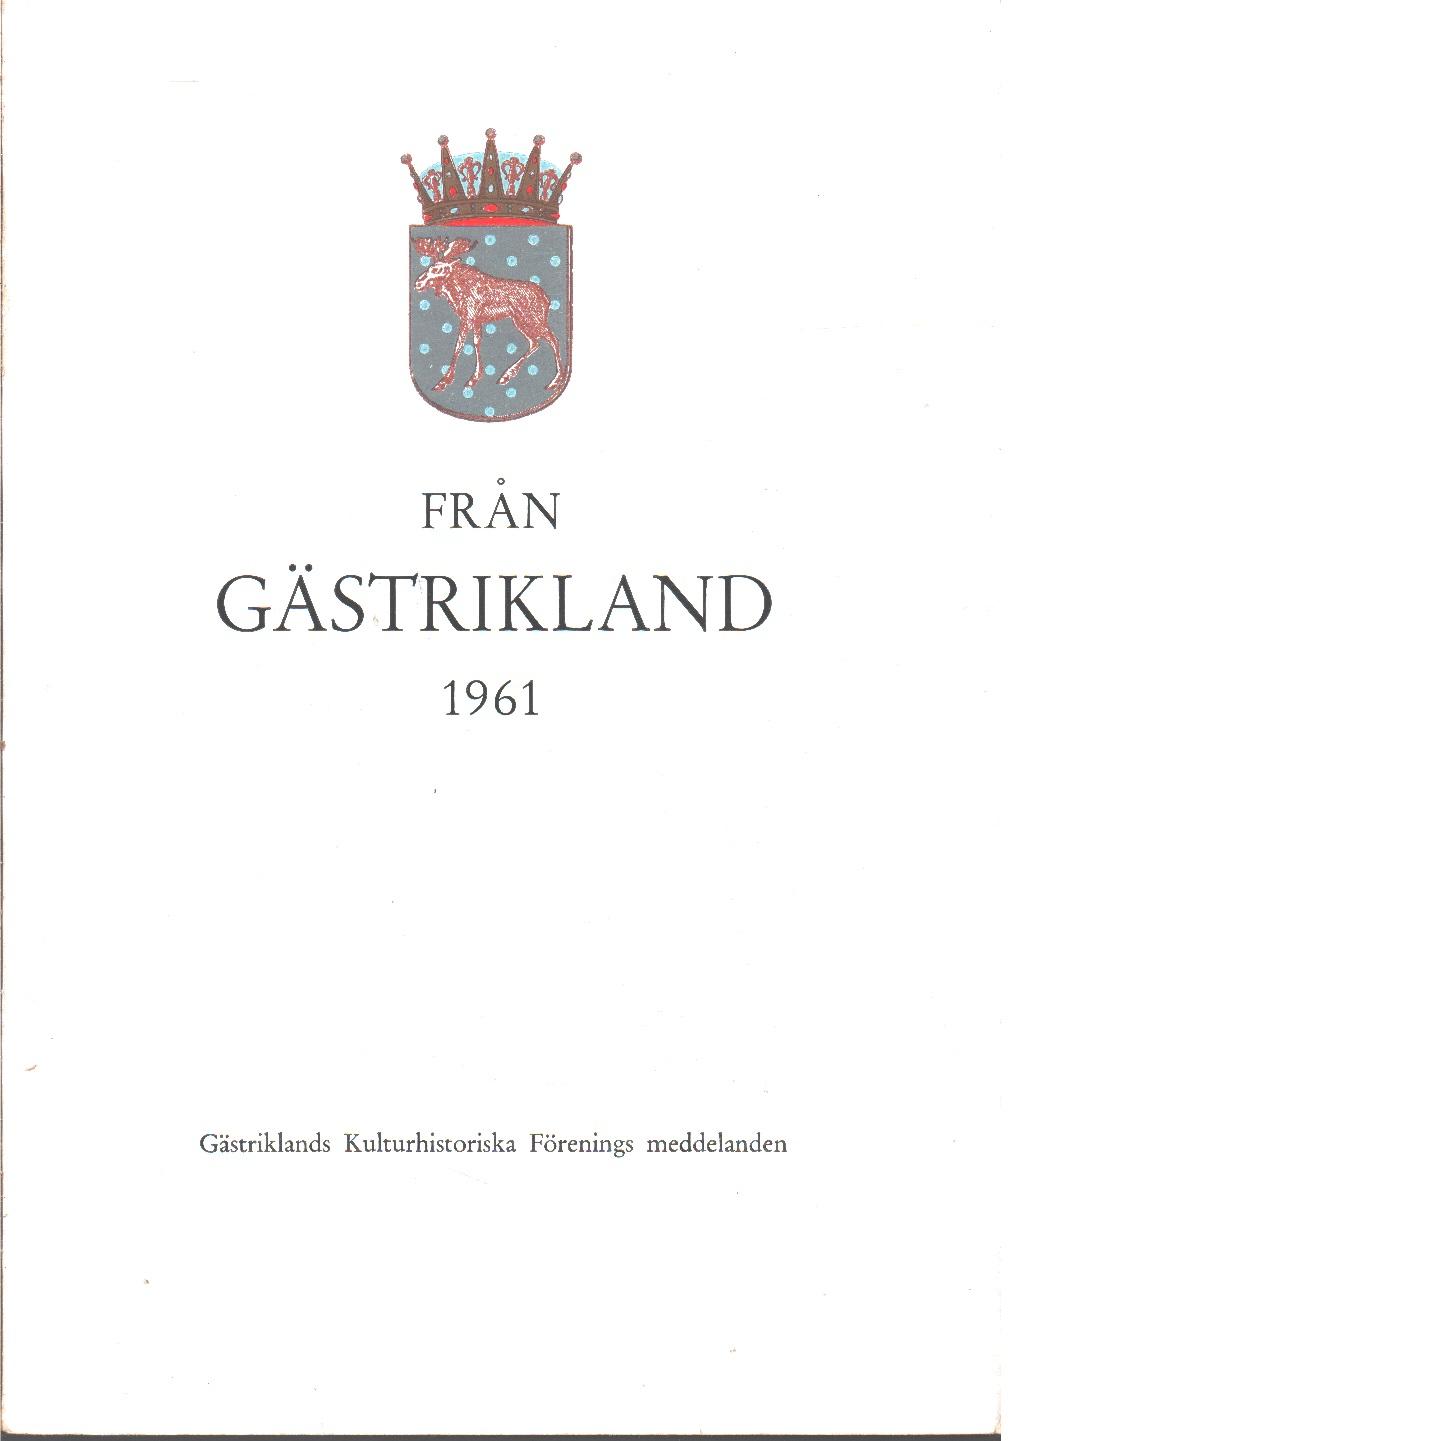 Från Gästrikland 1961 - Gästriklands kulturhistoriska förening